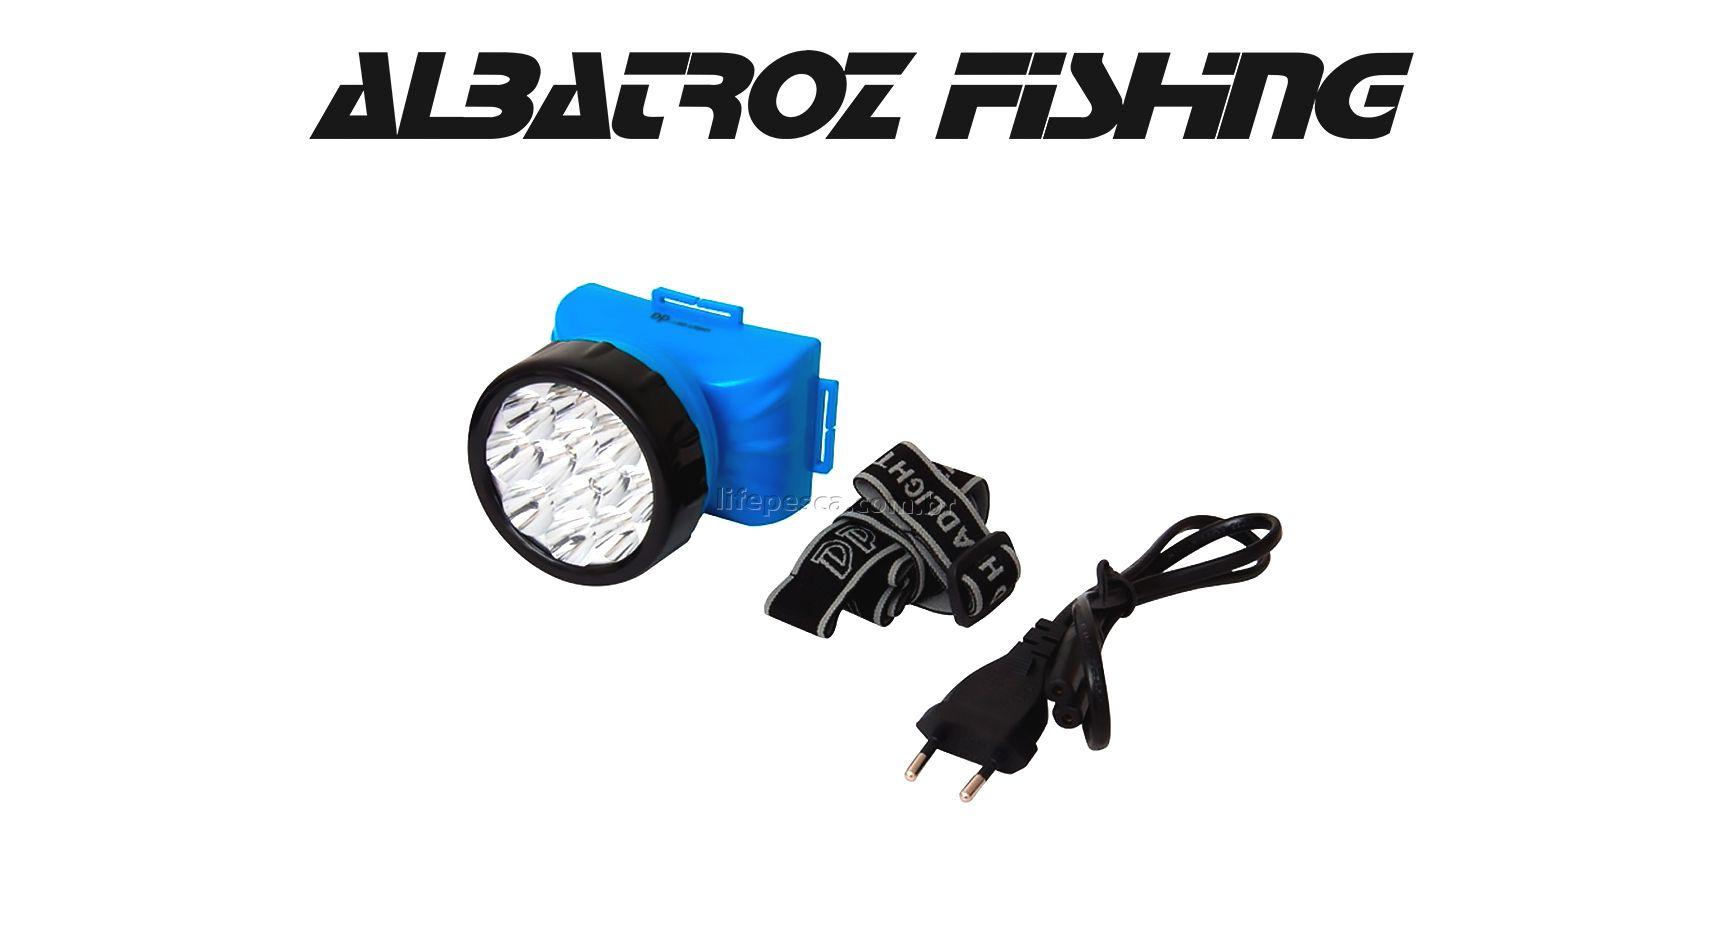 Lanterna Led Para Cabeça Recarregável - Albatroz Fishing - LED-722B  - Life Pesca - Sua loja de Pesca, Camping e Lazer